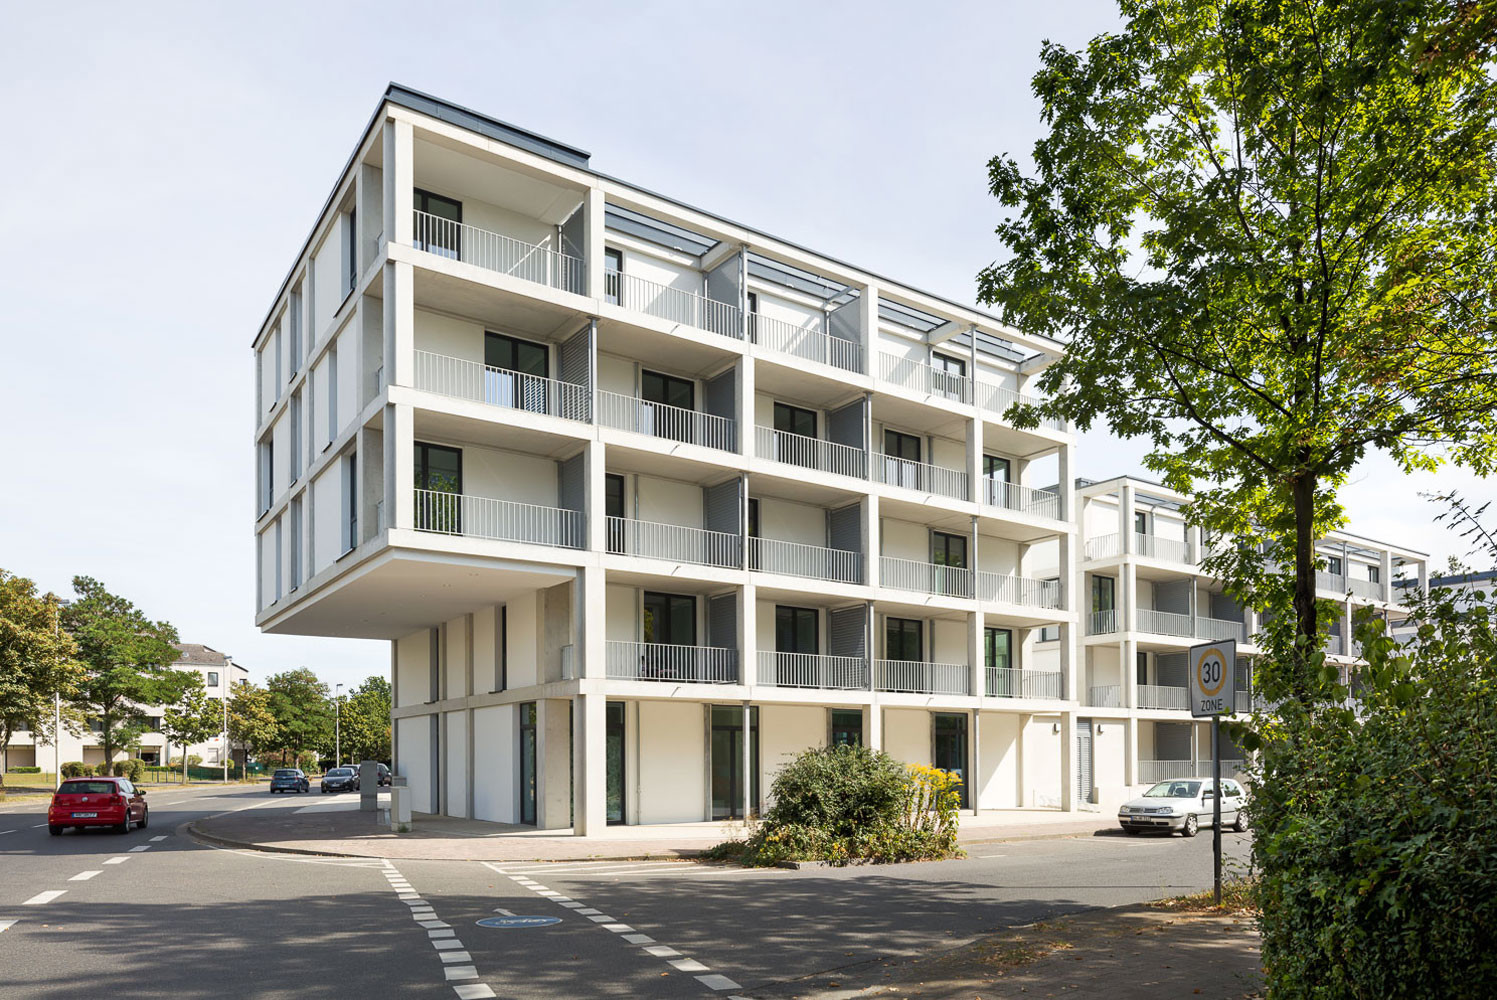 pbs-architekten-wohnen-tannenbusch-bonn-011